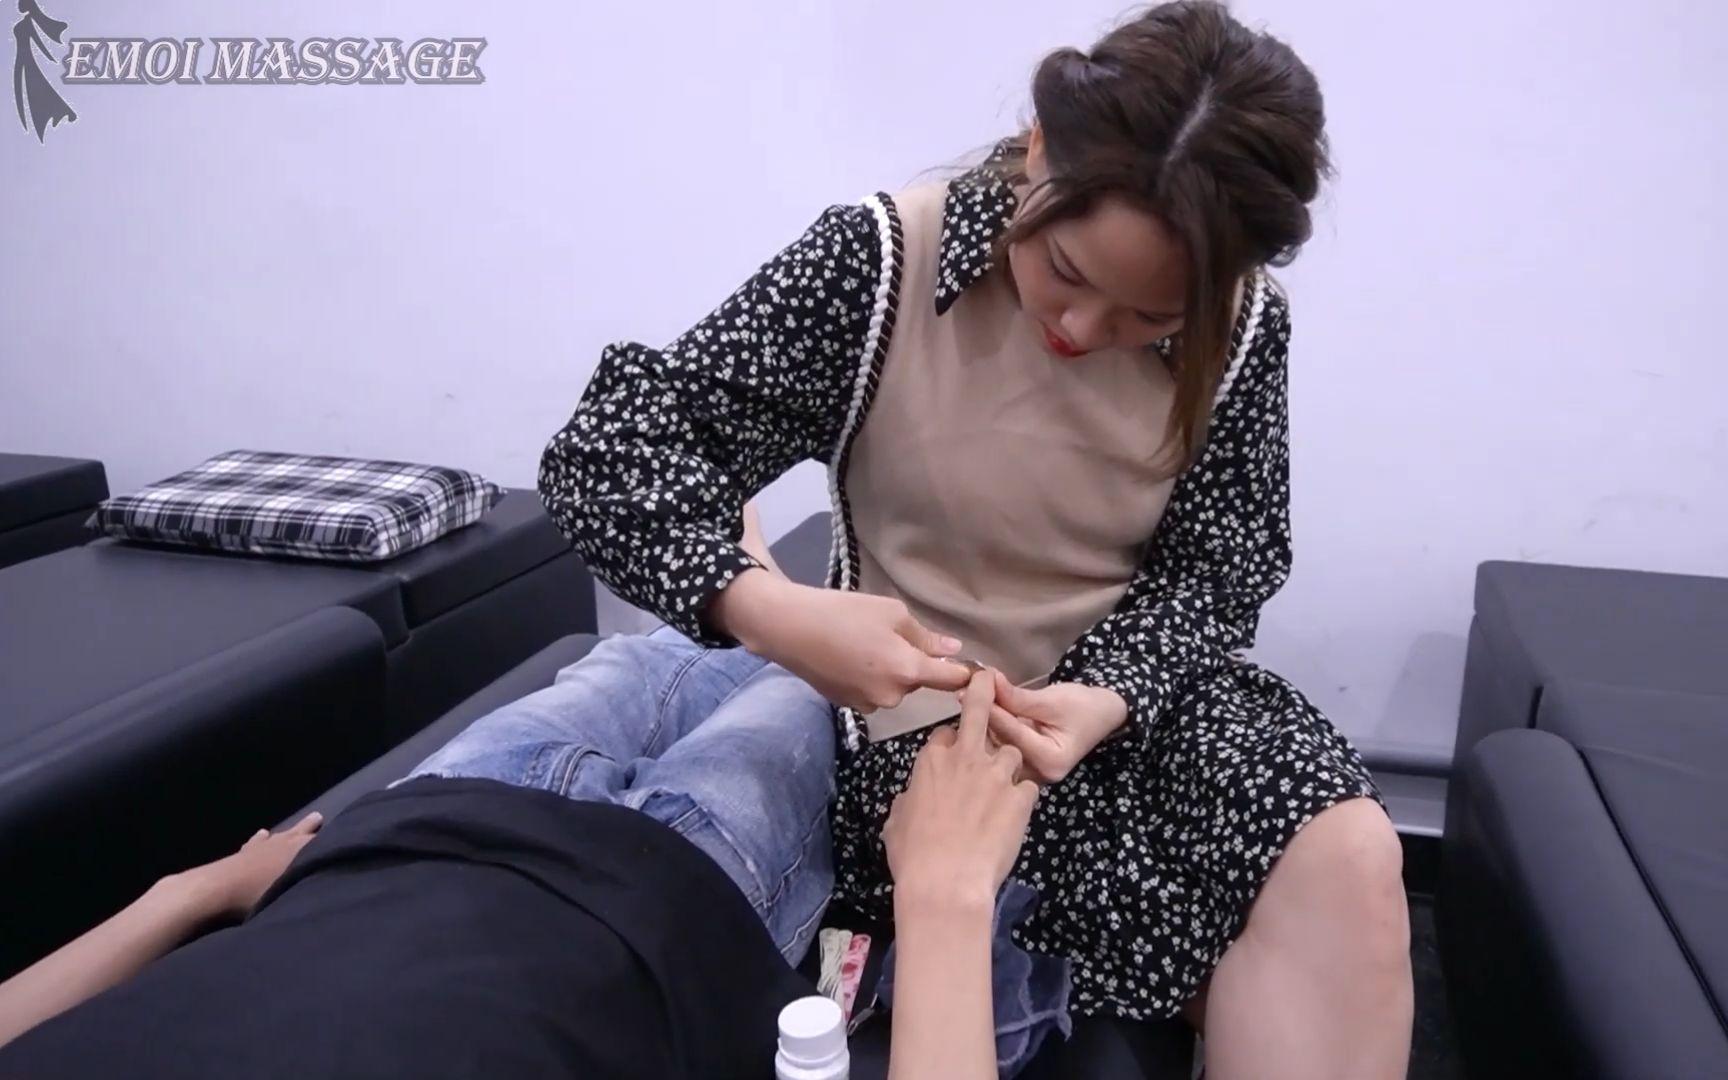 【越南理发馆】美女认真的剪指甲真让人很安心